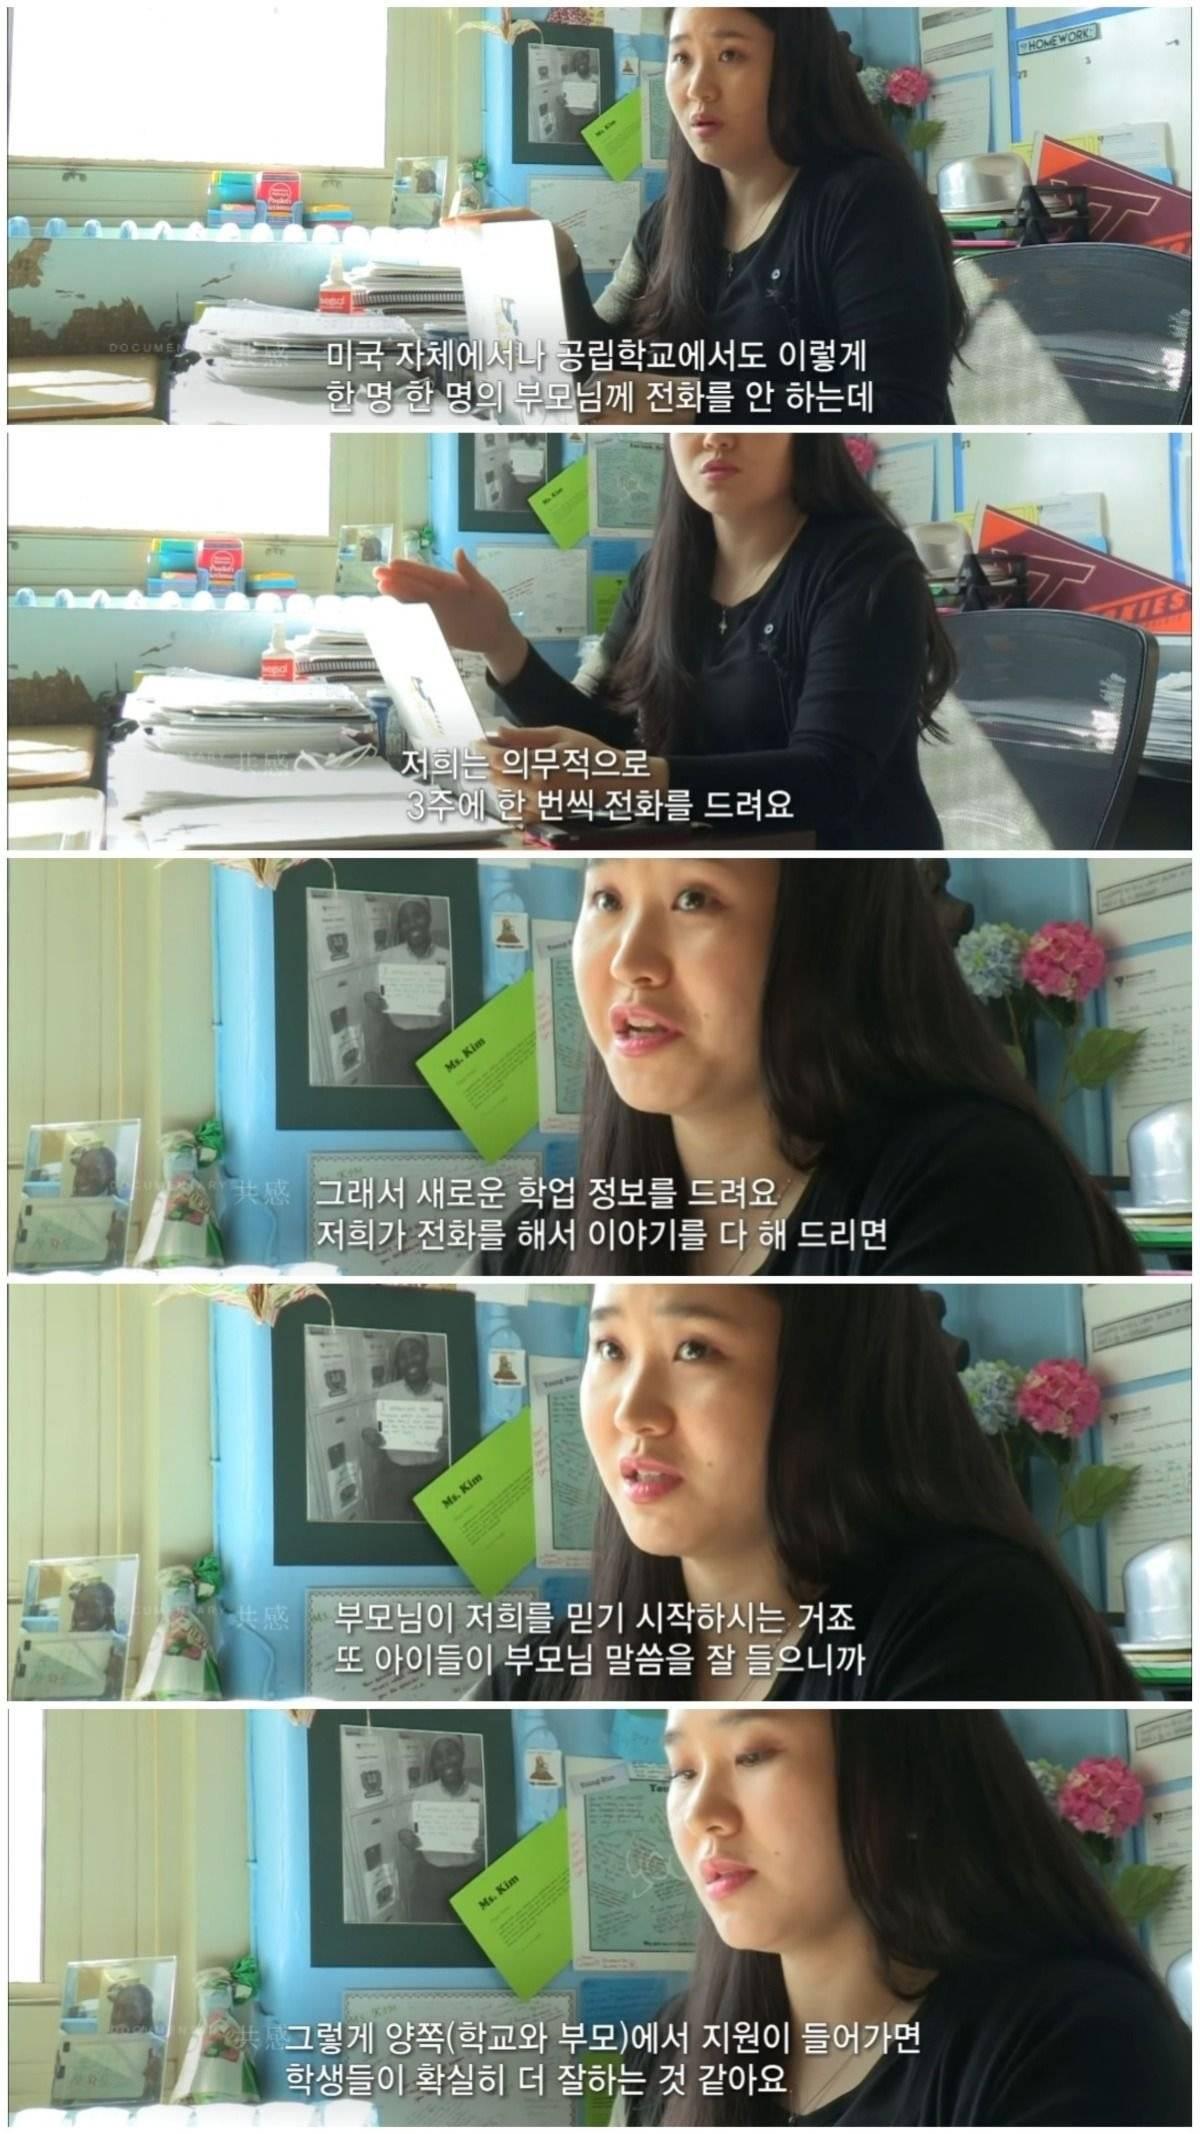 청소년 범죄율 1위, 뉴욕 할렘가에서 한국식 교육을 실시한 결과.jpg (2편) | 인스티즈